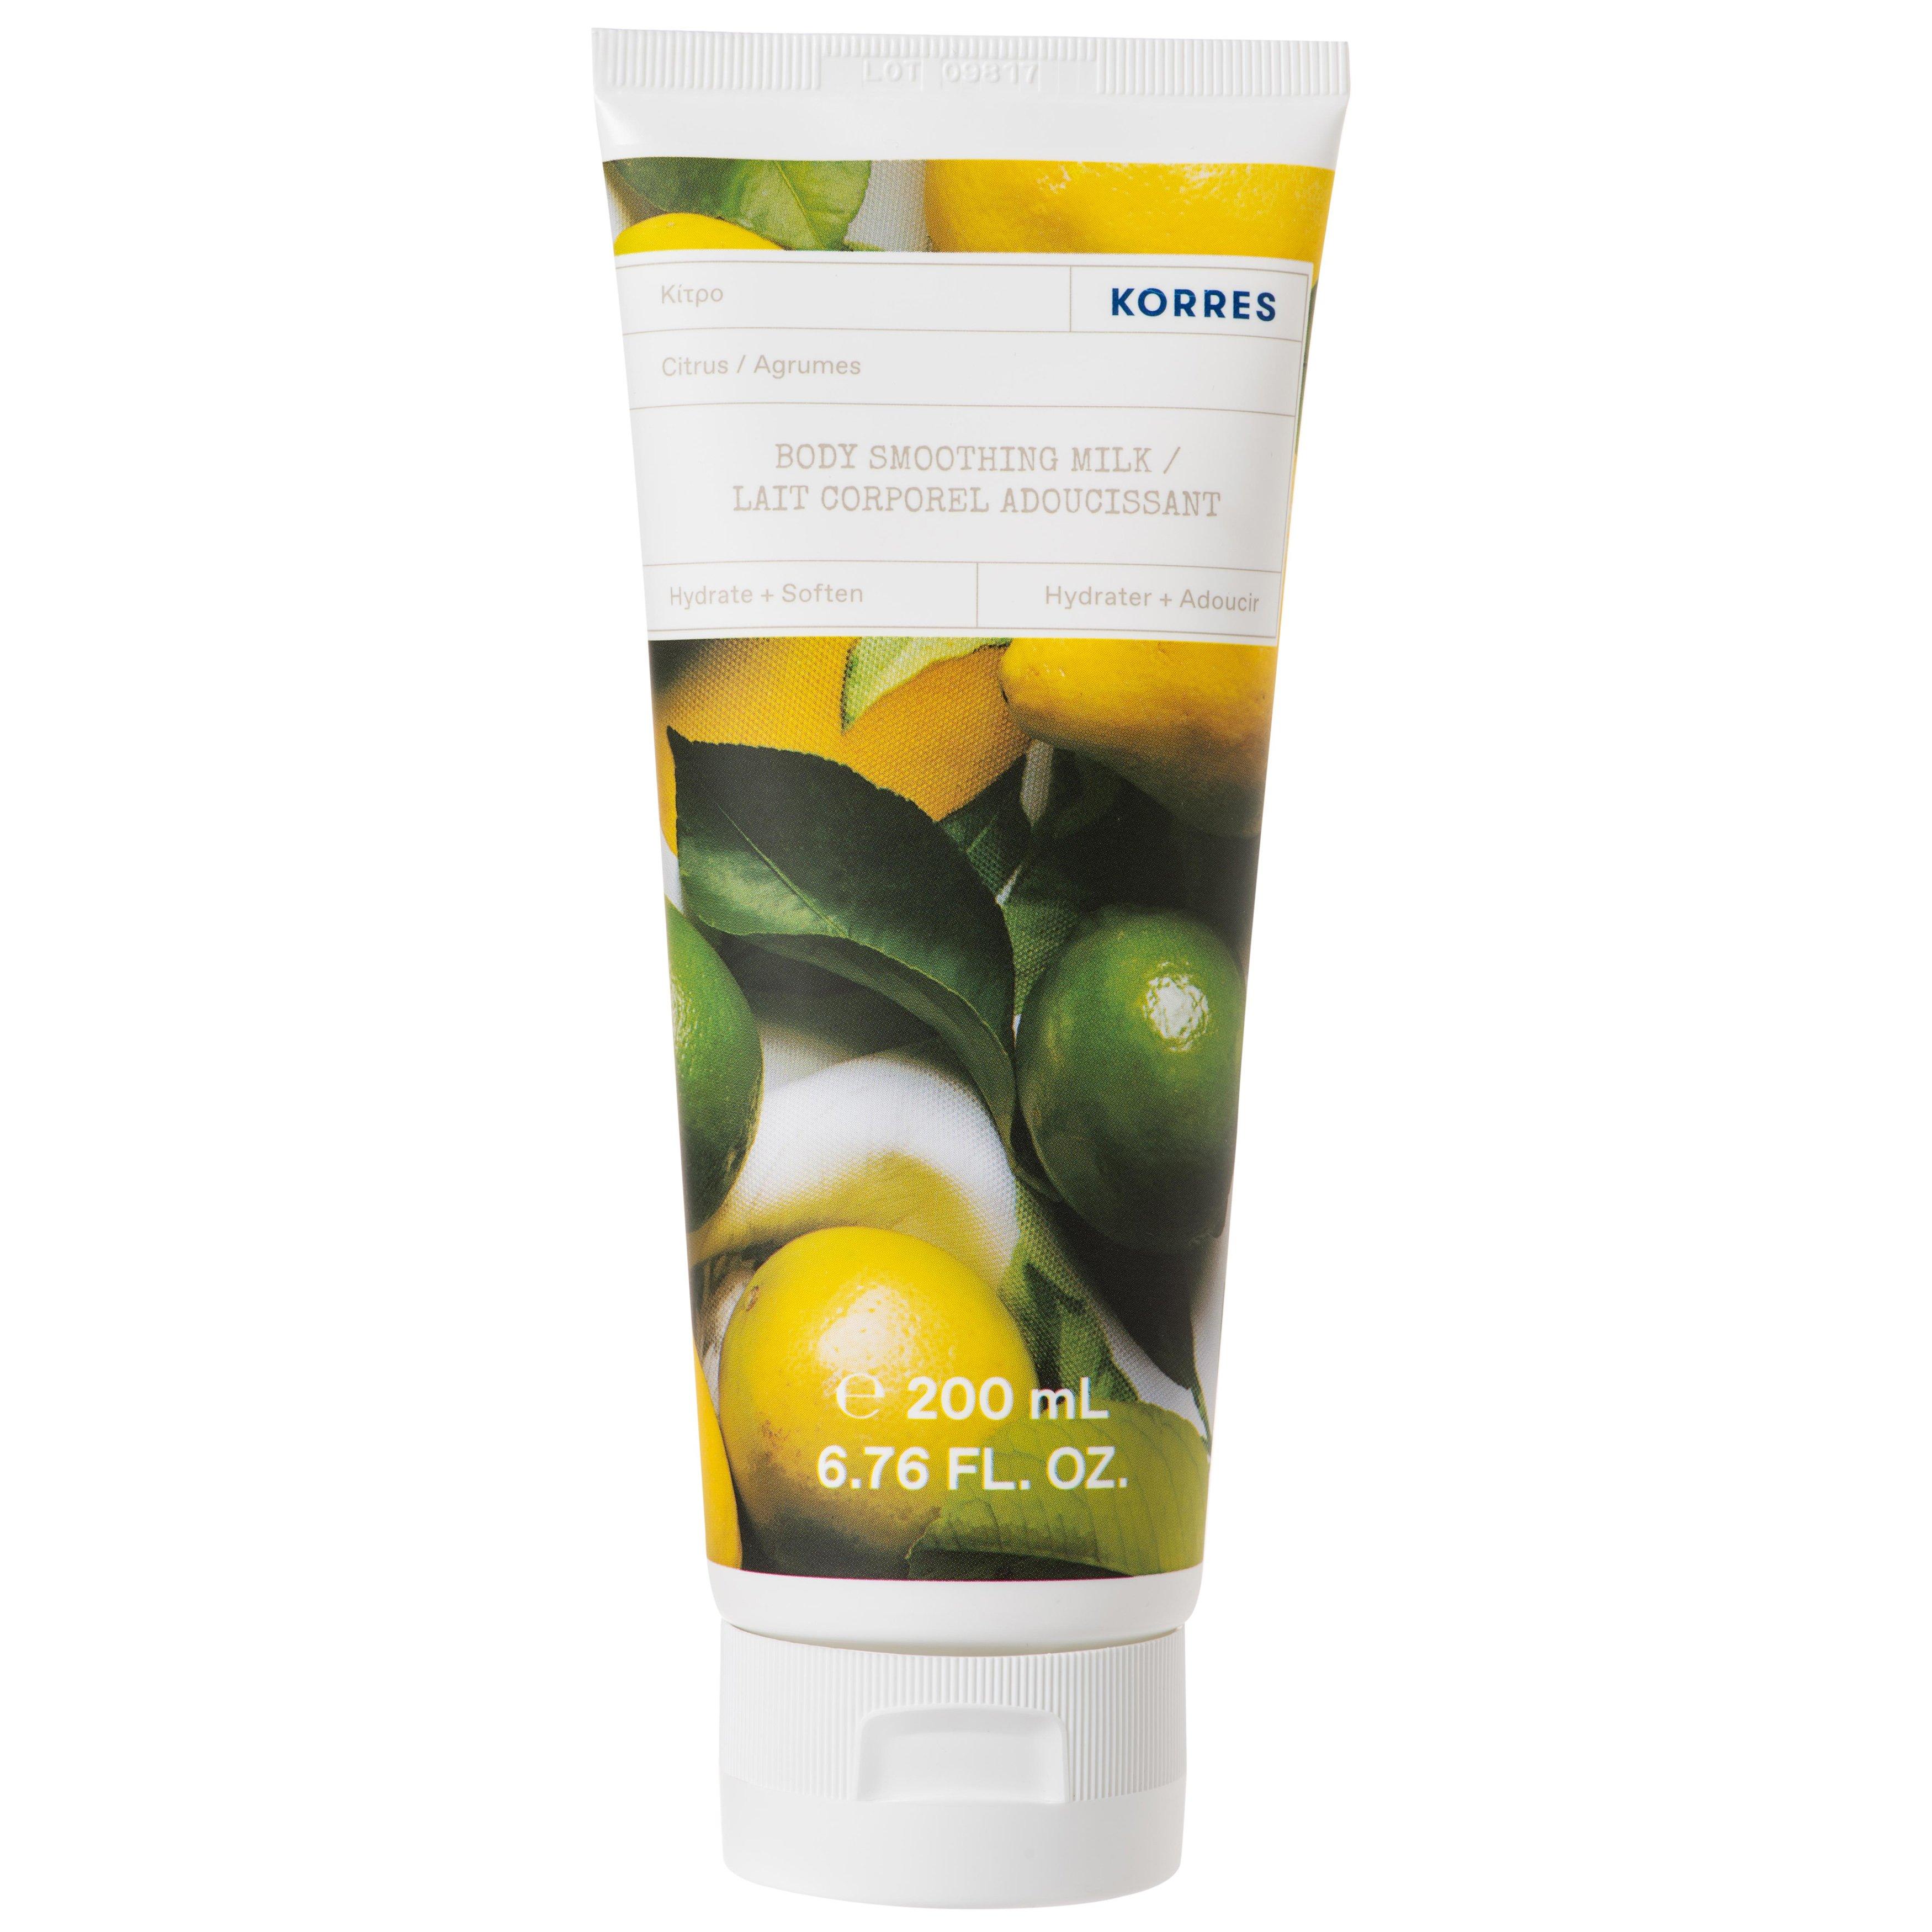 Korres Citrus Body Smoothing Milk Ενυδατικό Γαλάκτωμα Σώματος με Φρέσκο, Αναζωογονητικό Άρωμα Κίτρο 200ml